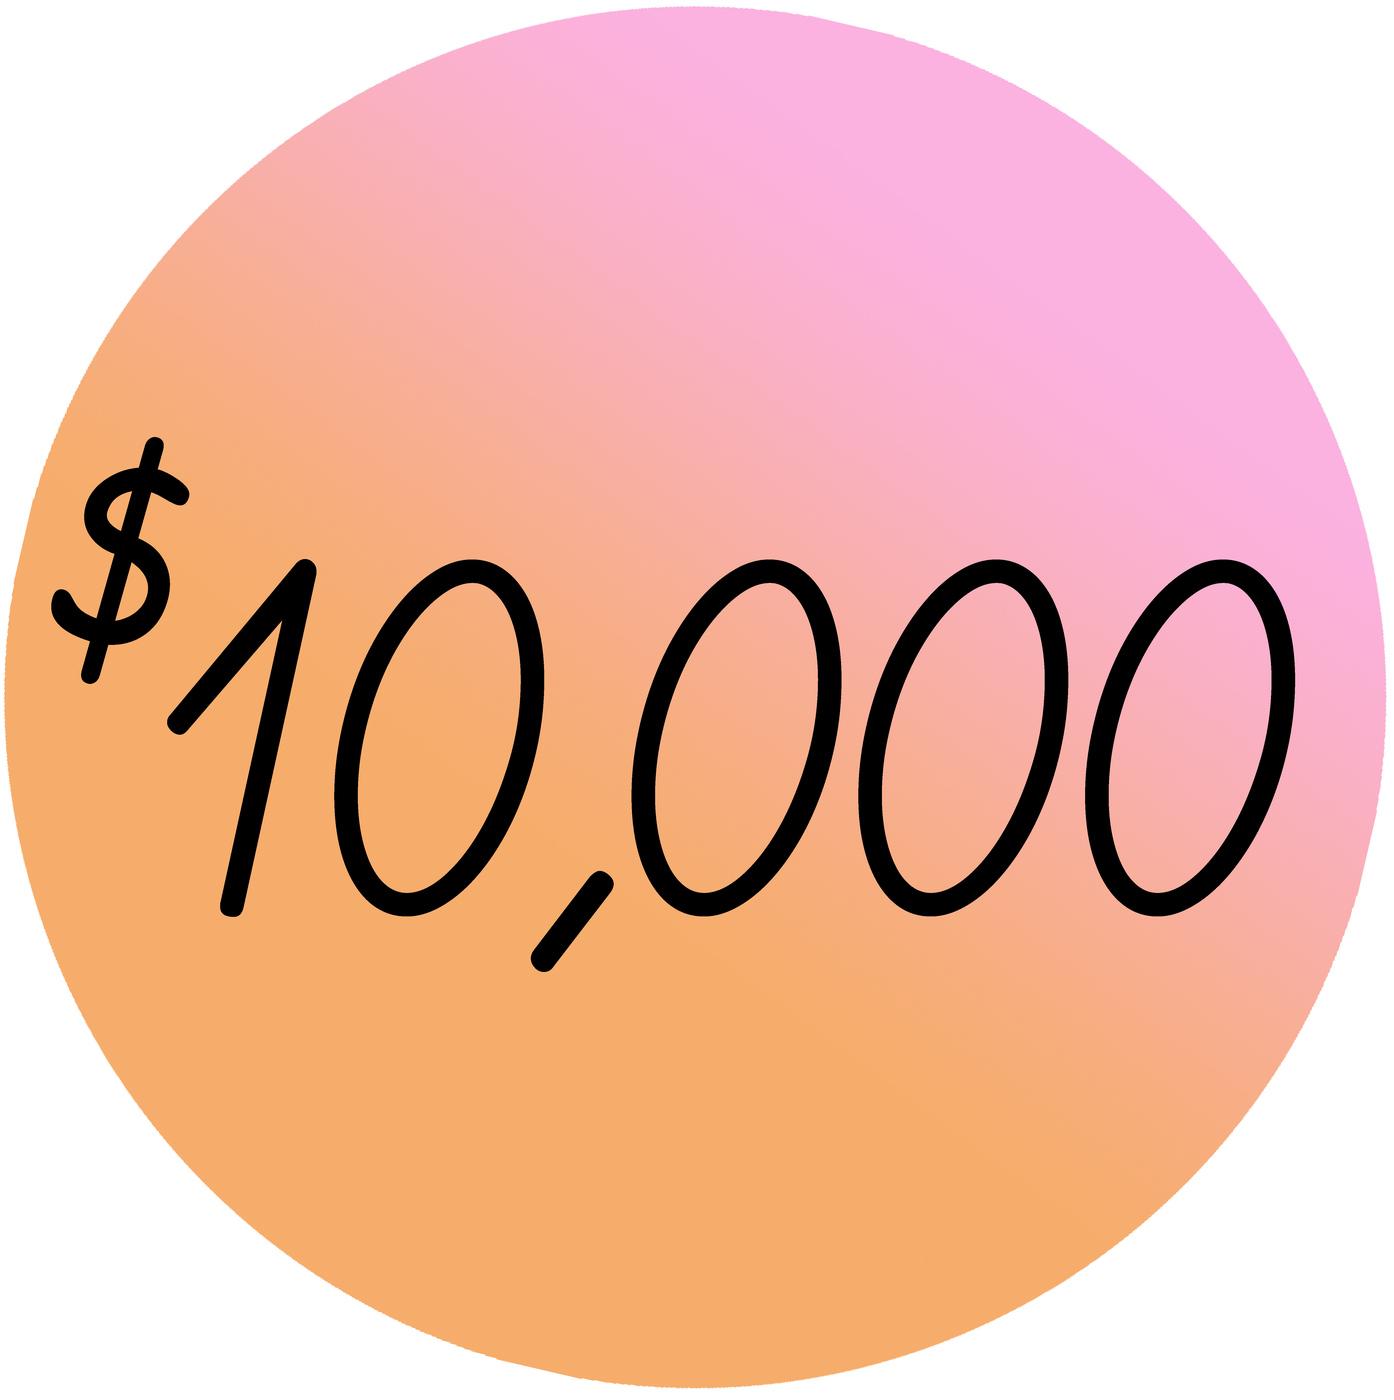 Wf 10000 coin